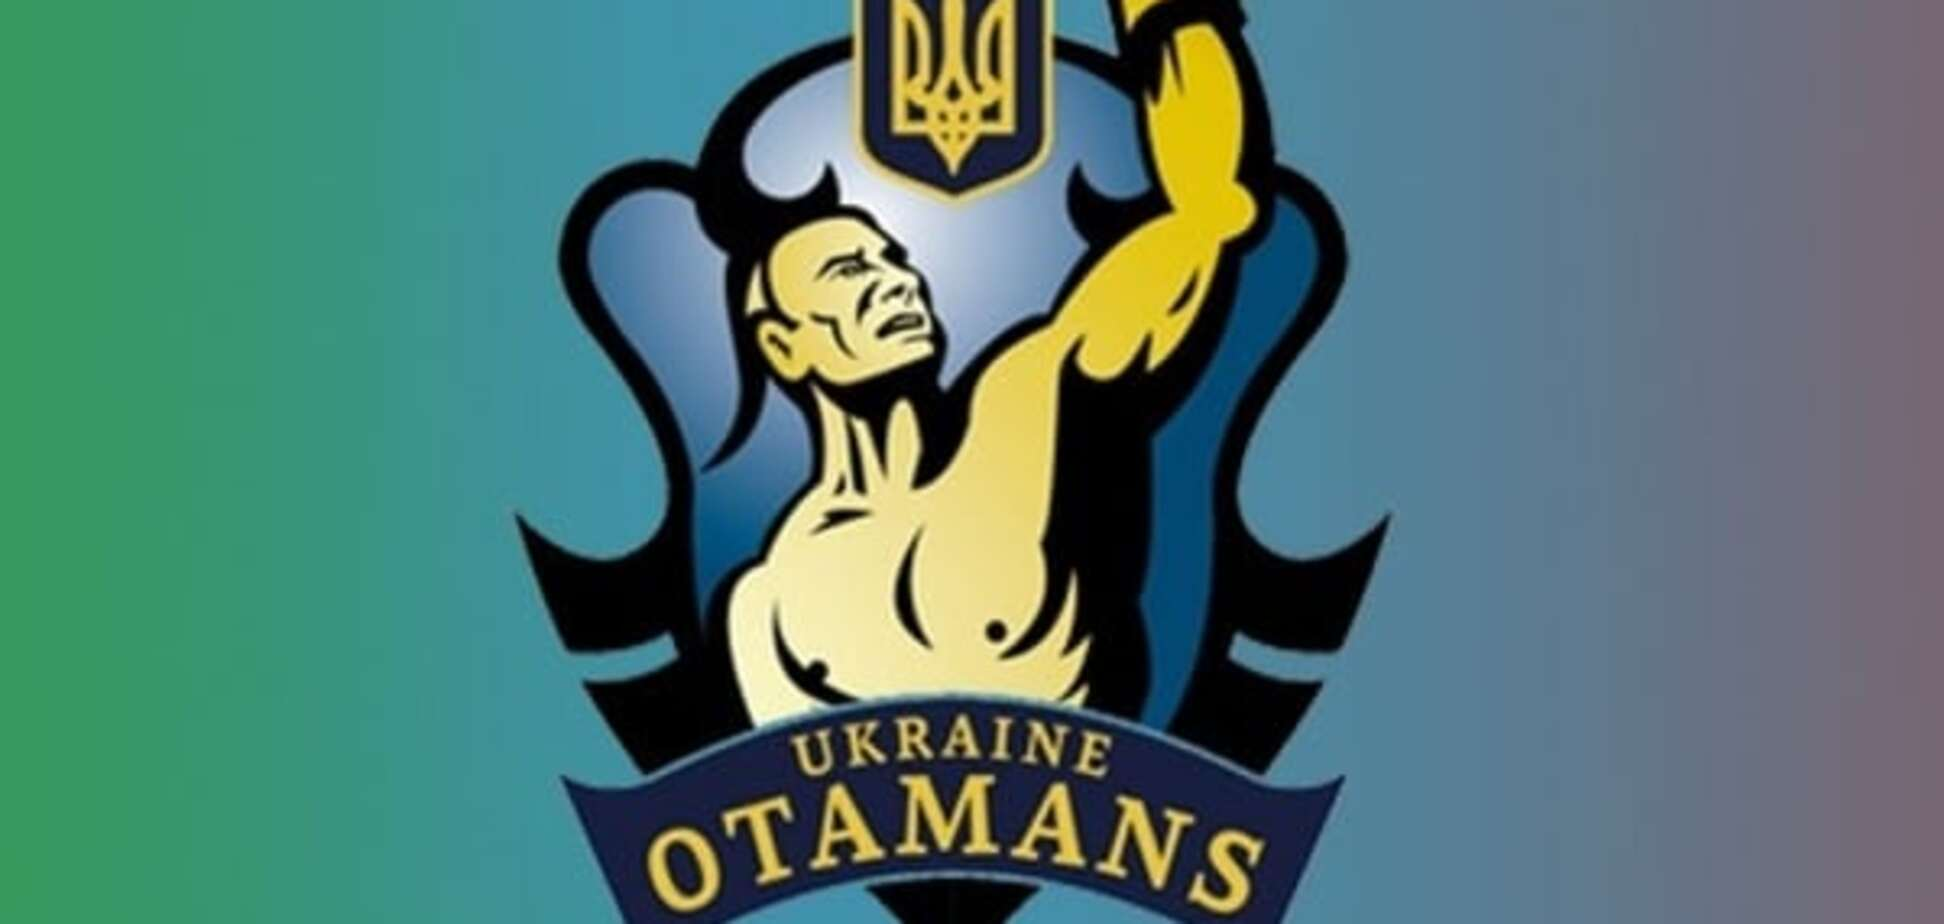 'Українські отамани' прийняли несподіване рішення про своє майбутнє